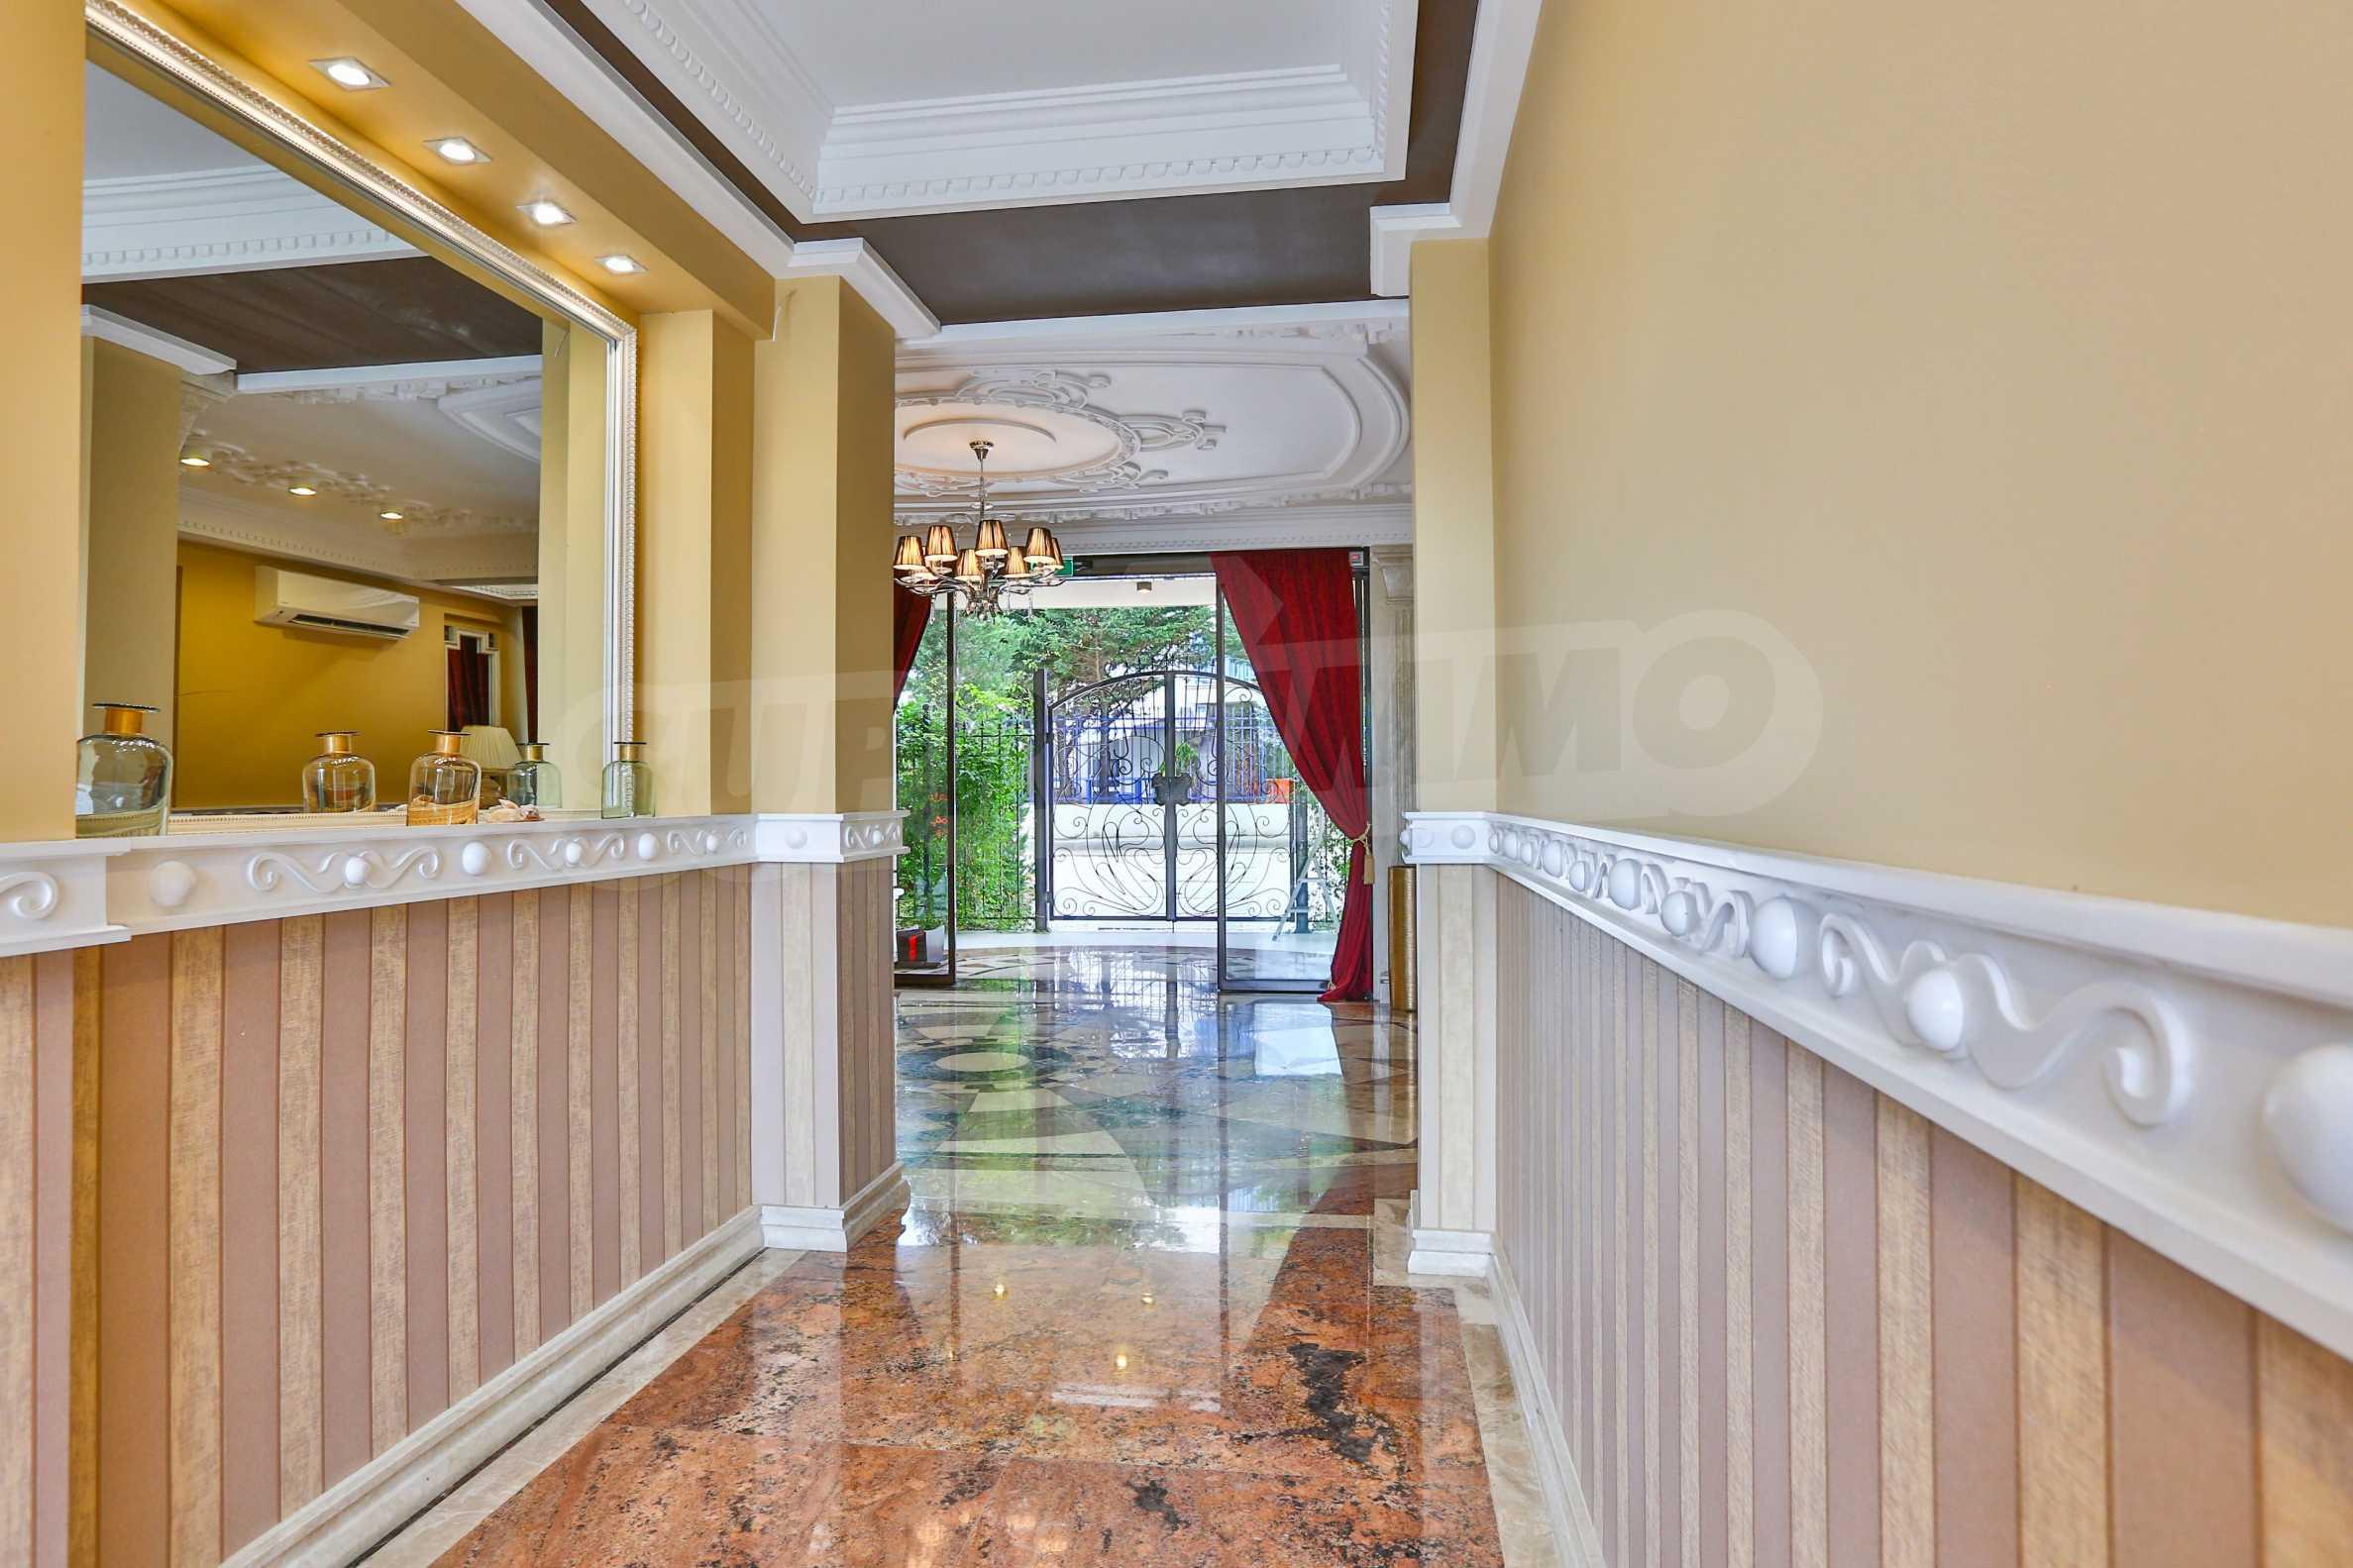 Двустаен апартамент в бутиковата резиденция до Централен плаж - Belle Époque (ап. №A 305) 12